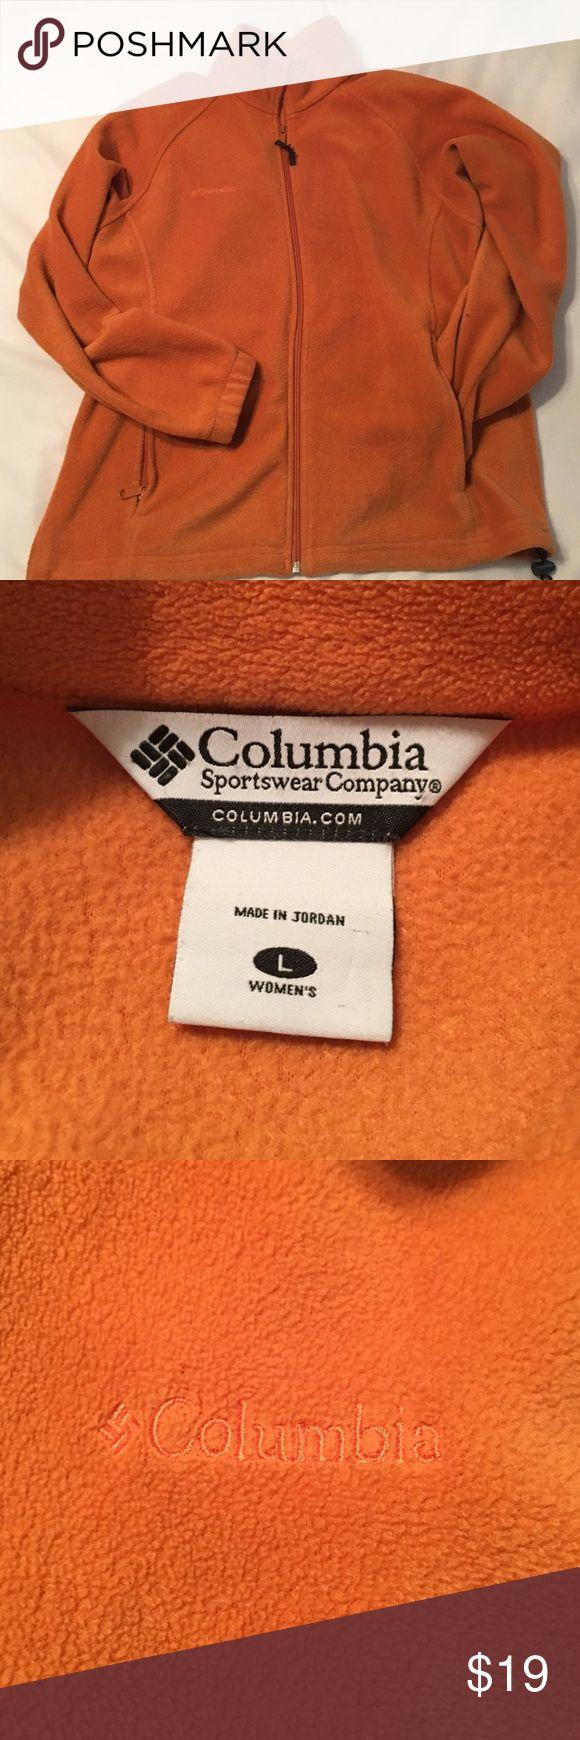 Columbia orange fleece zip up jacket. Get ready for Halloween in this orange fleece zip up jacket by Columbia sportswear! Columbia Jackets & Coats